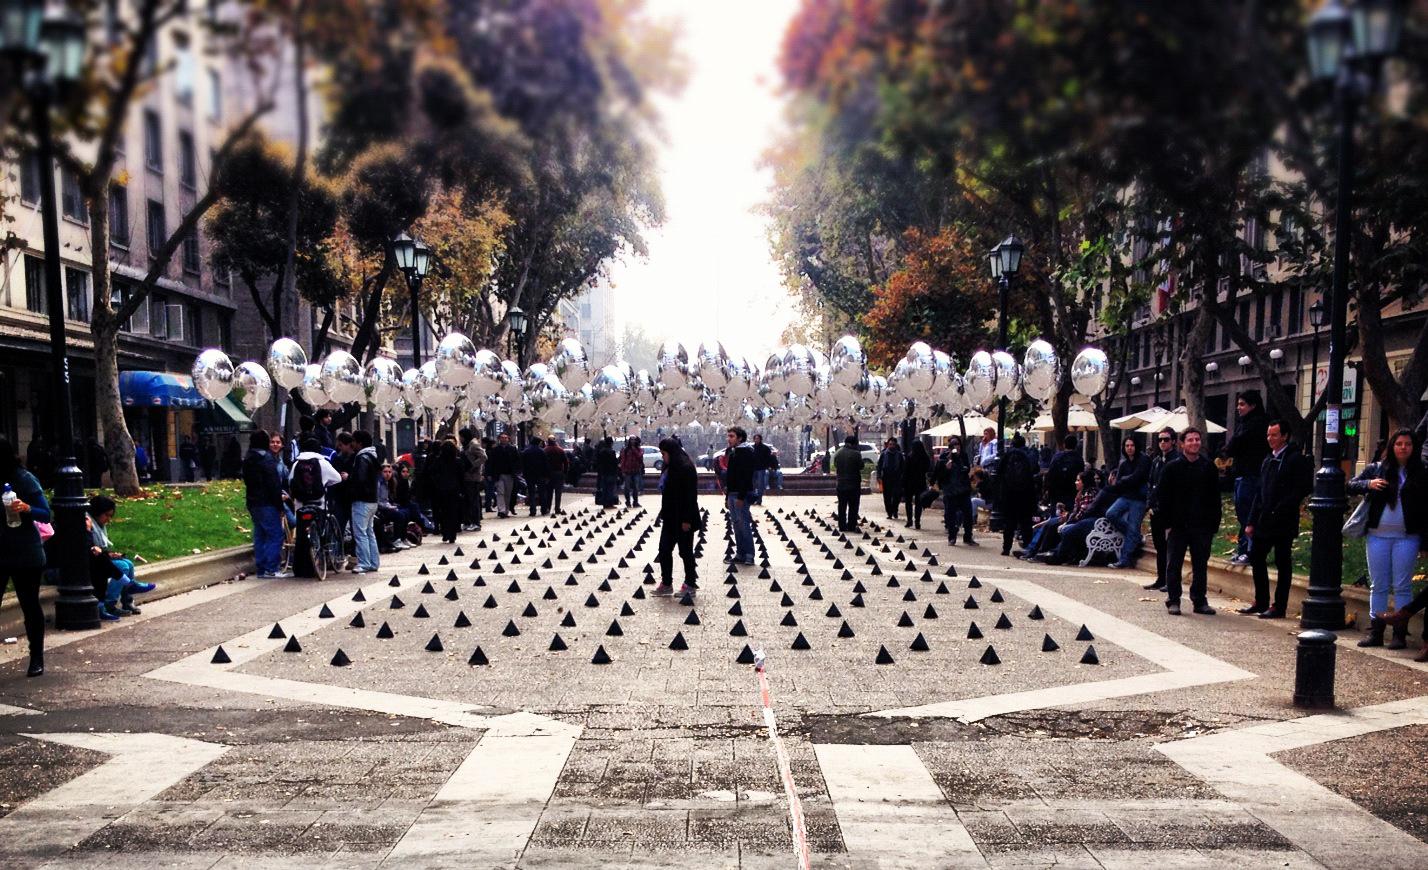 Intervenção urbana com balões / Universidad Mayor, © Giuliano Pastorelli